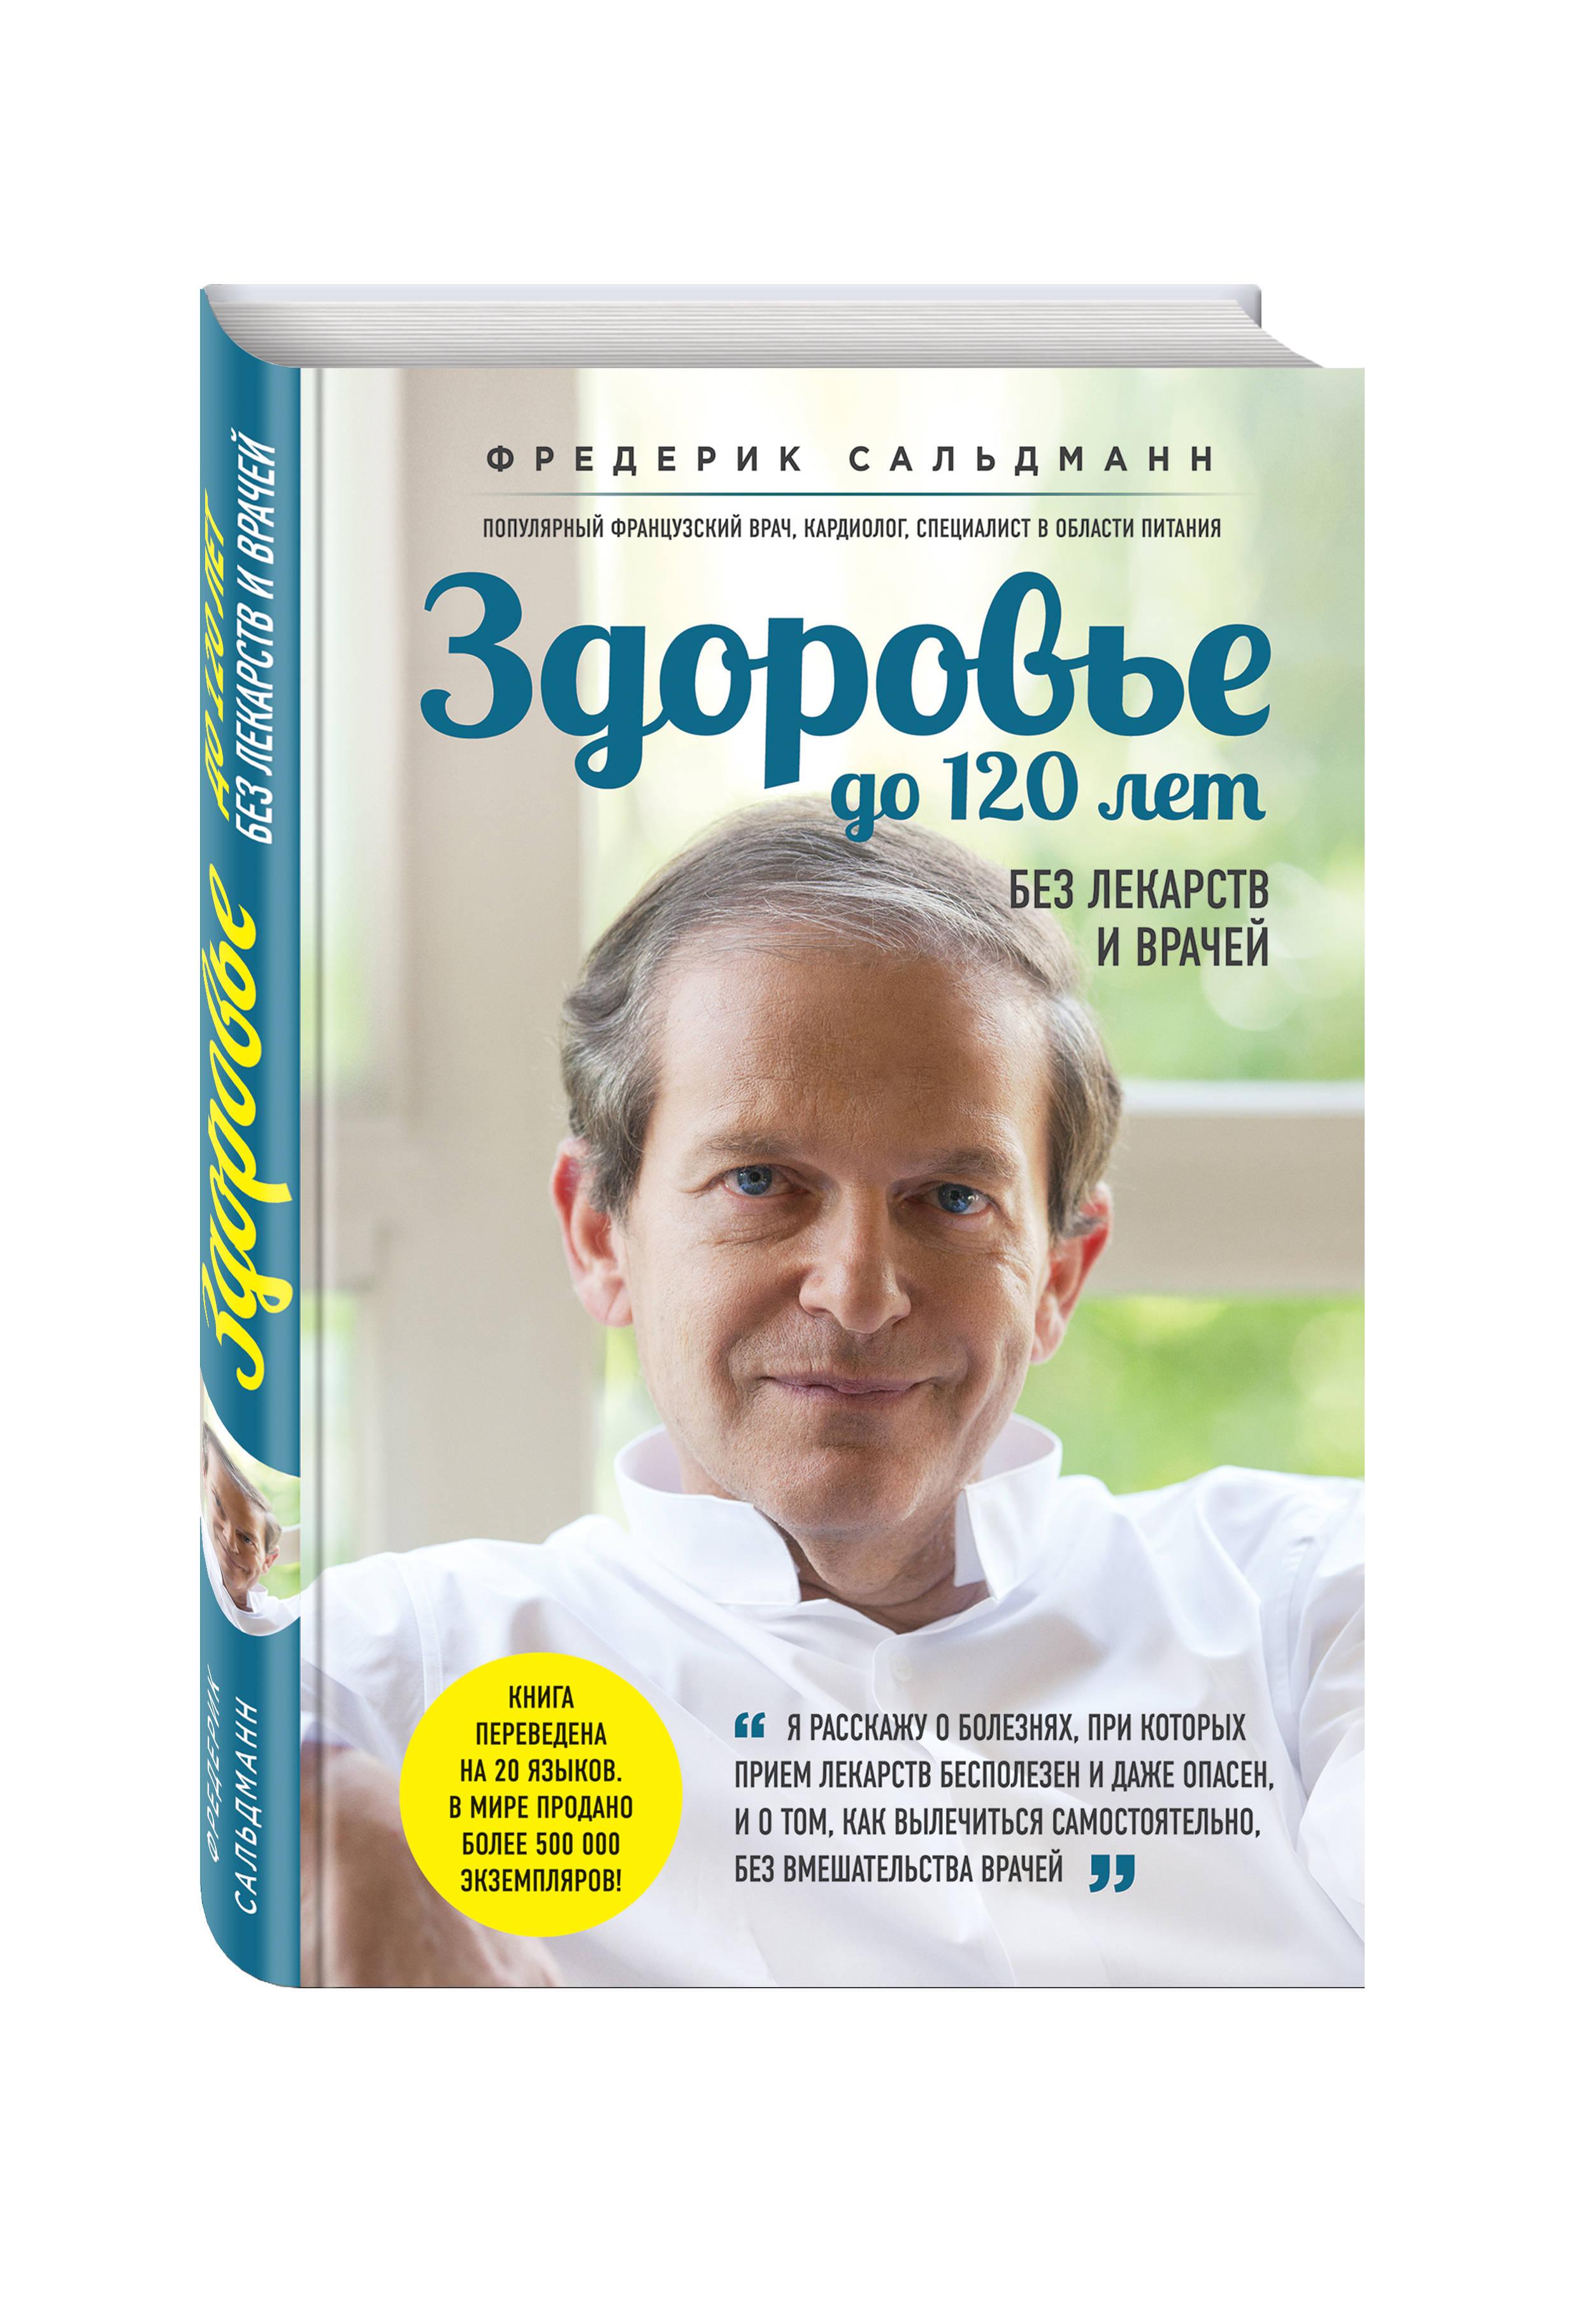 Здоровье до 120 лет без лекарств и врачей от book24.ru